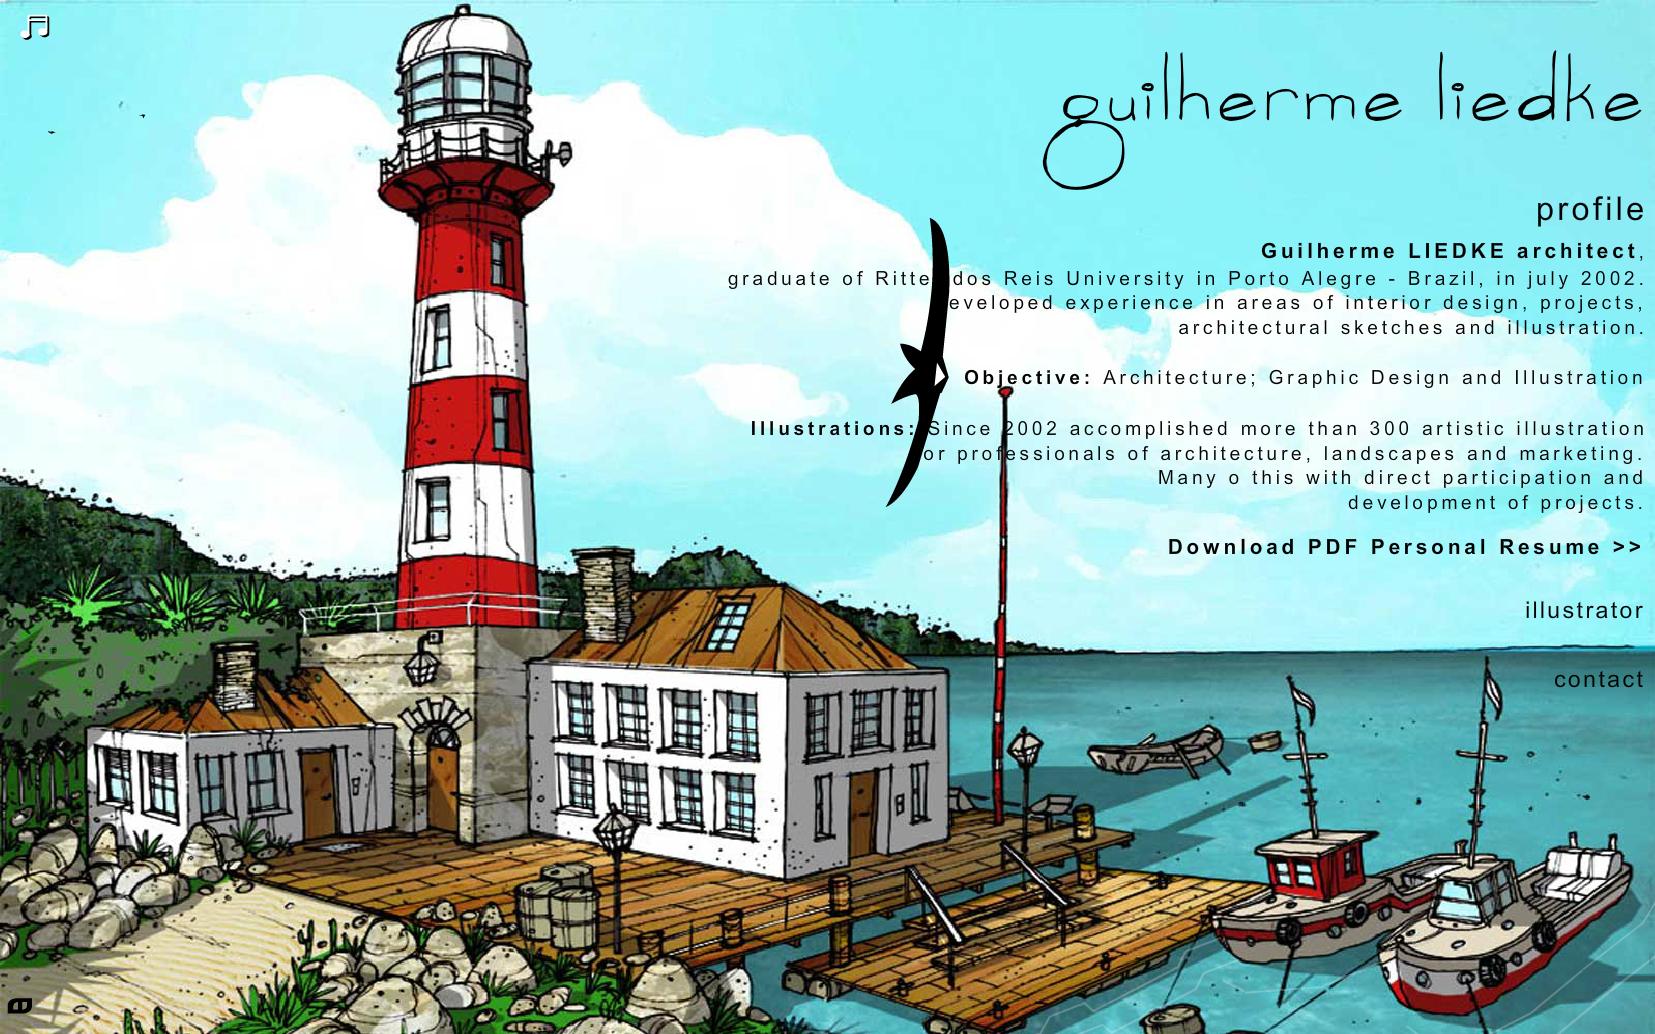 Guilherme Liedke | Architect